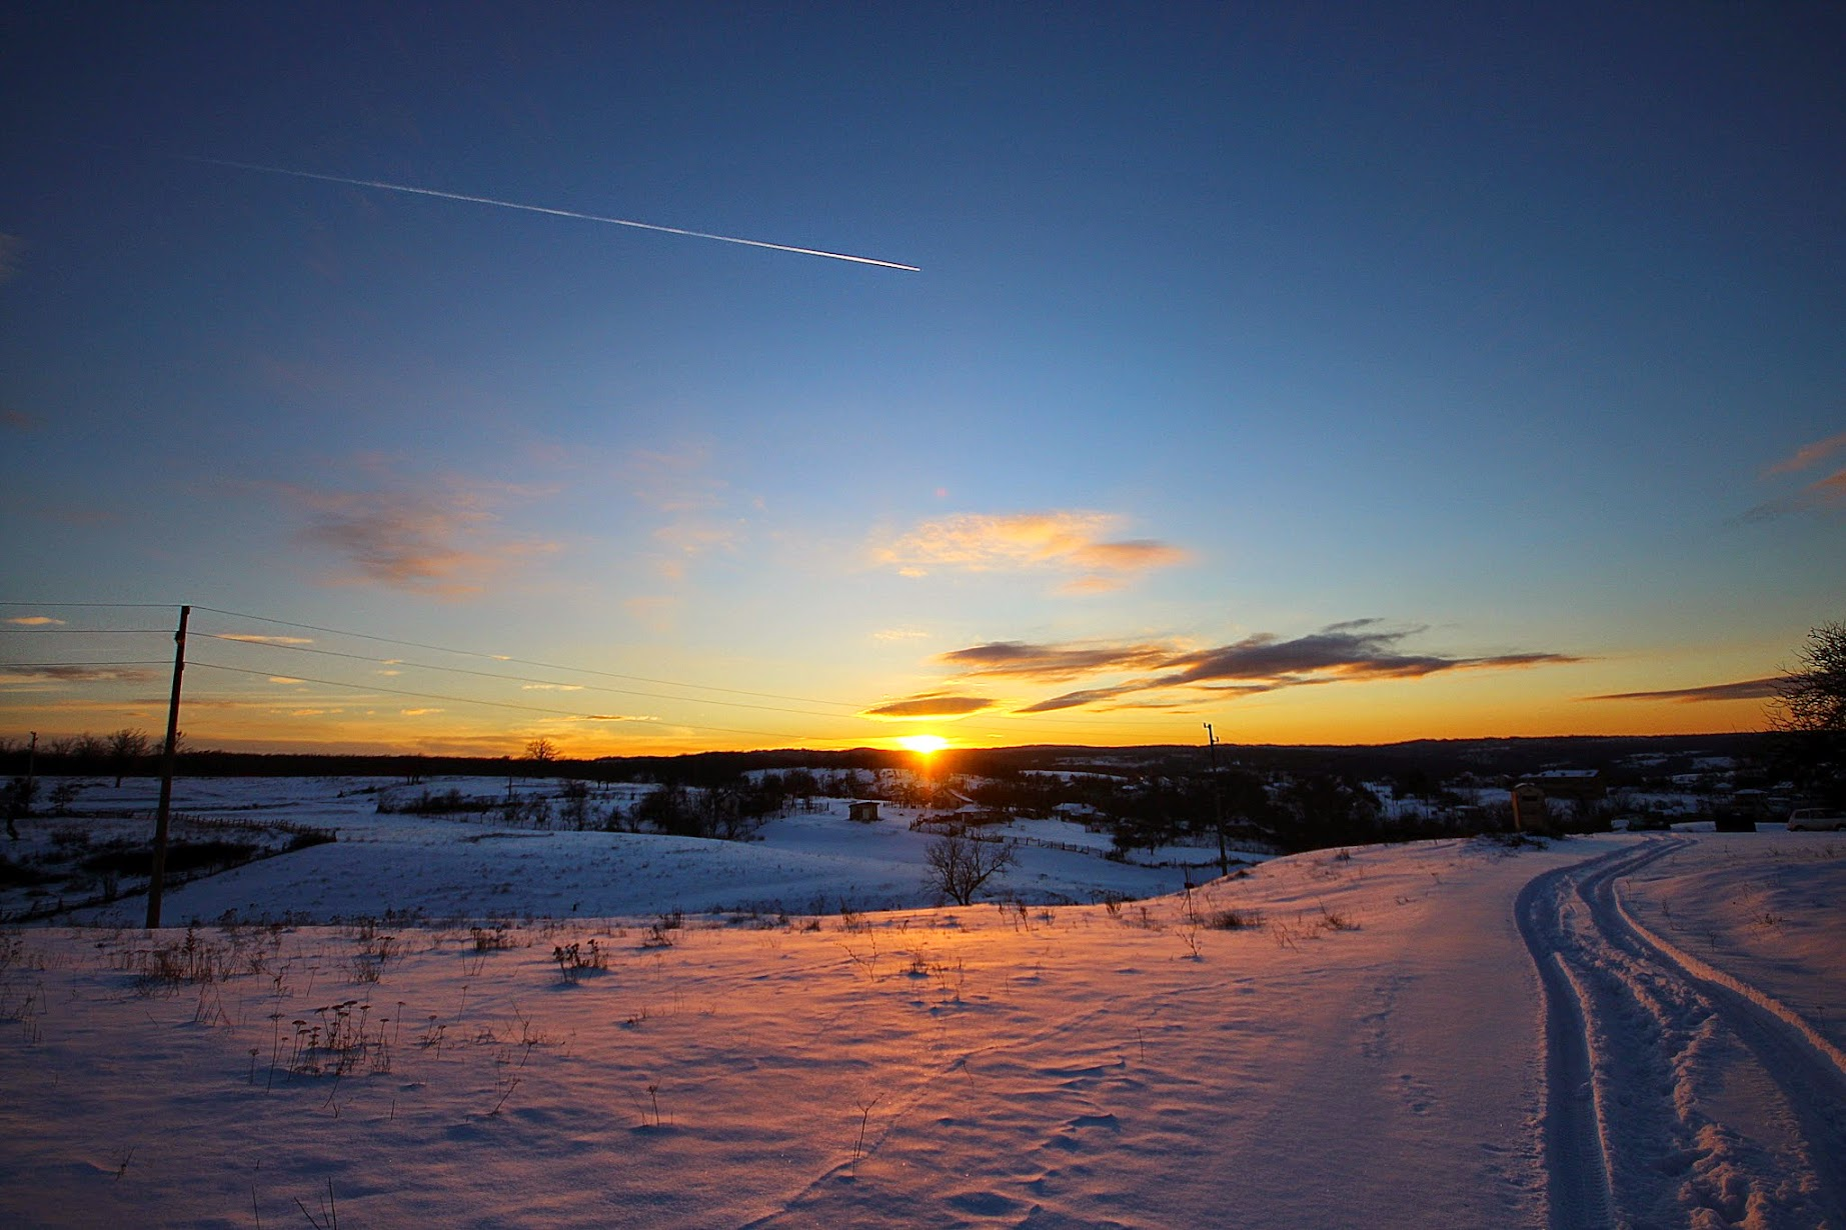 снимки, природа, сняг